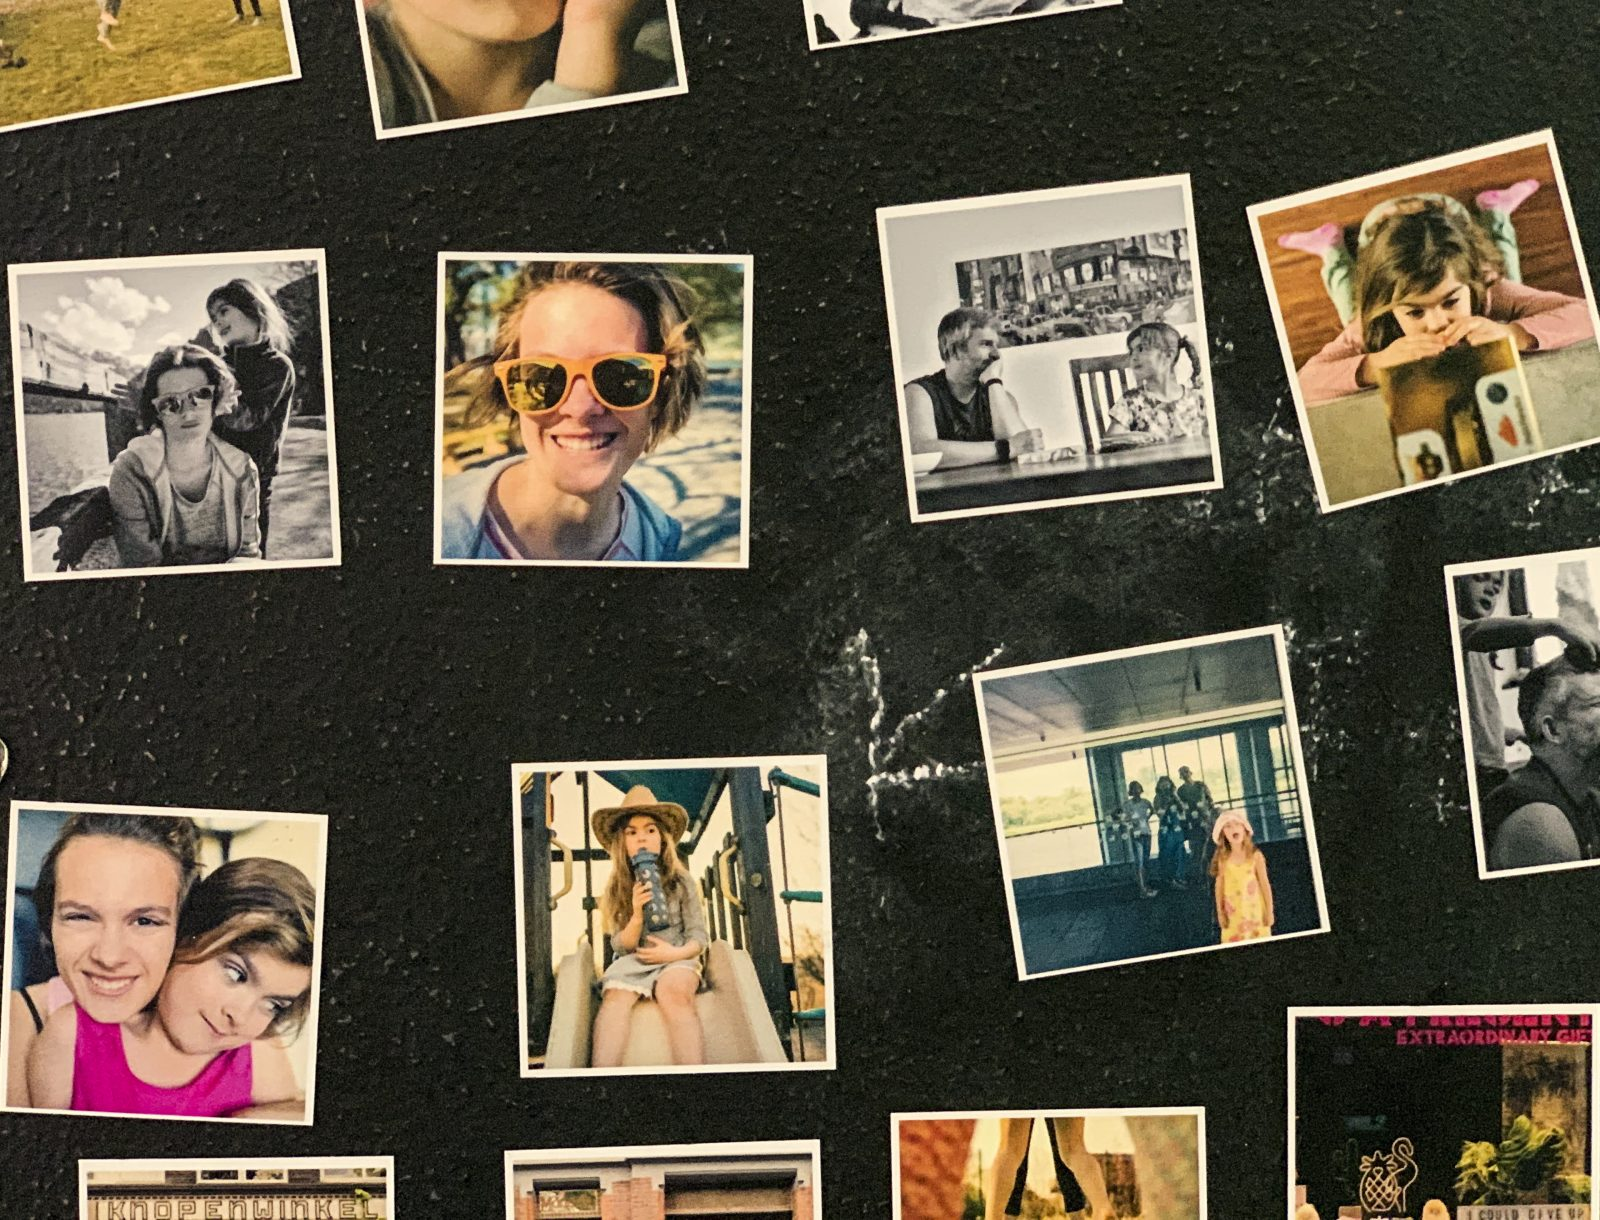 magnesy ze zdjęciami na ścianie socialdruk